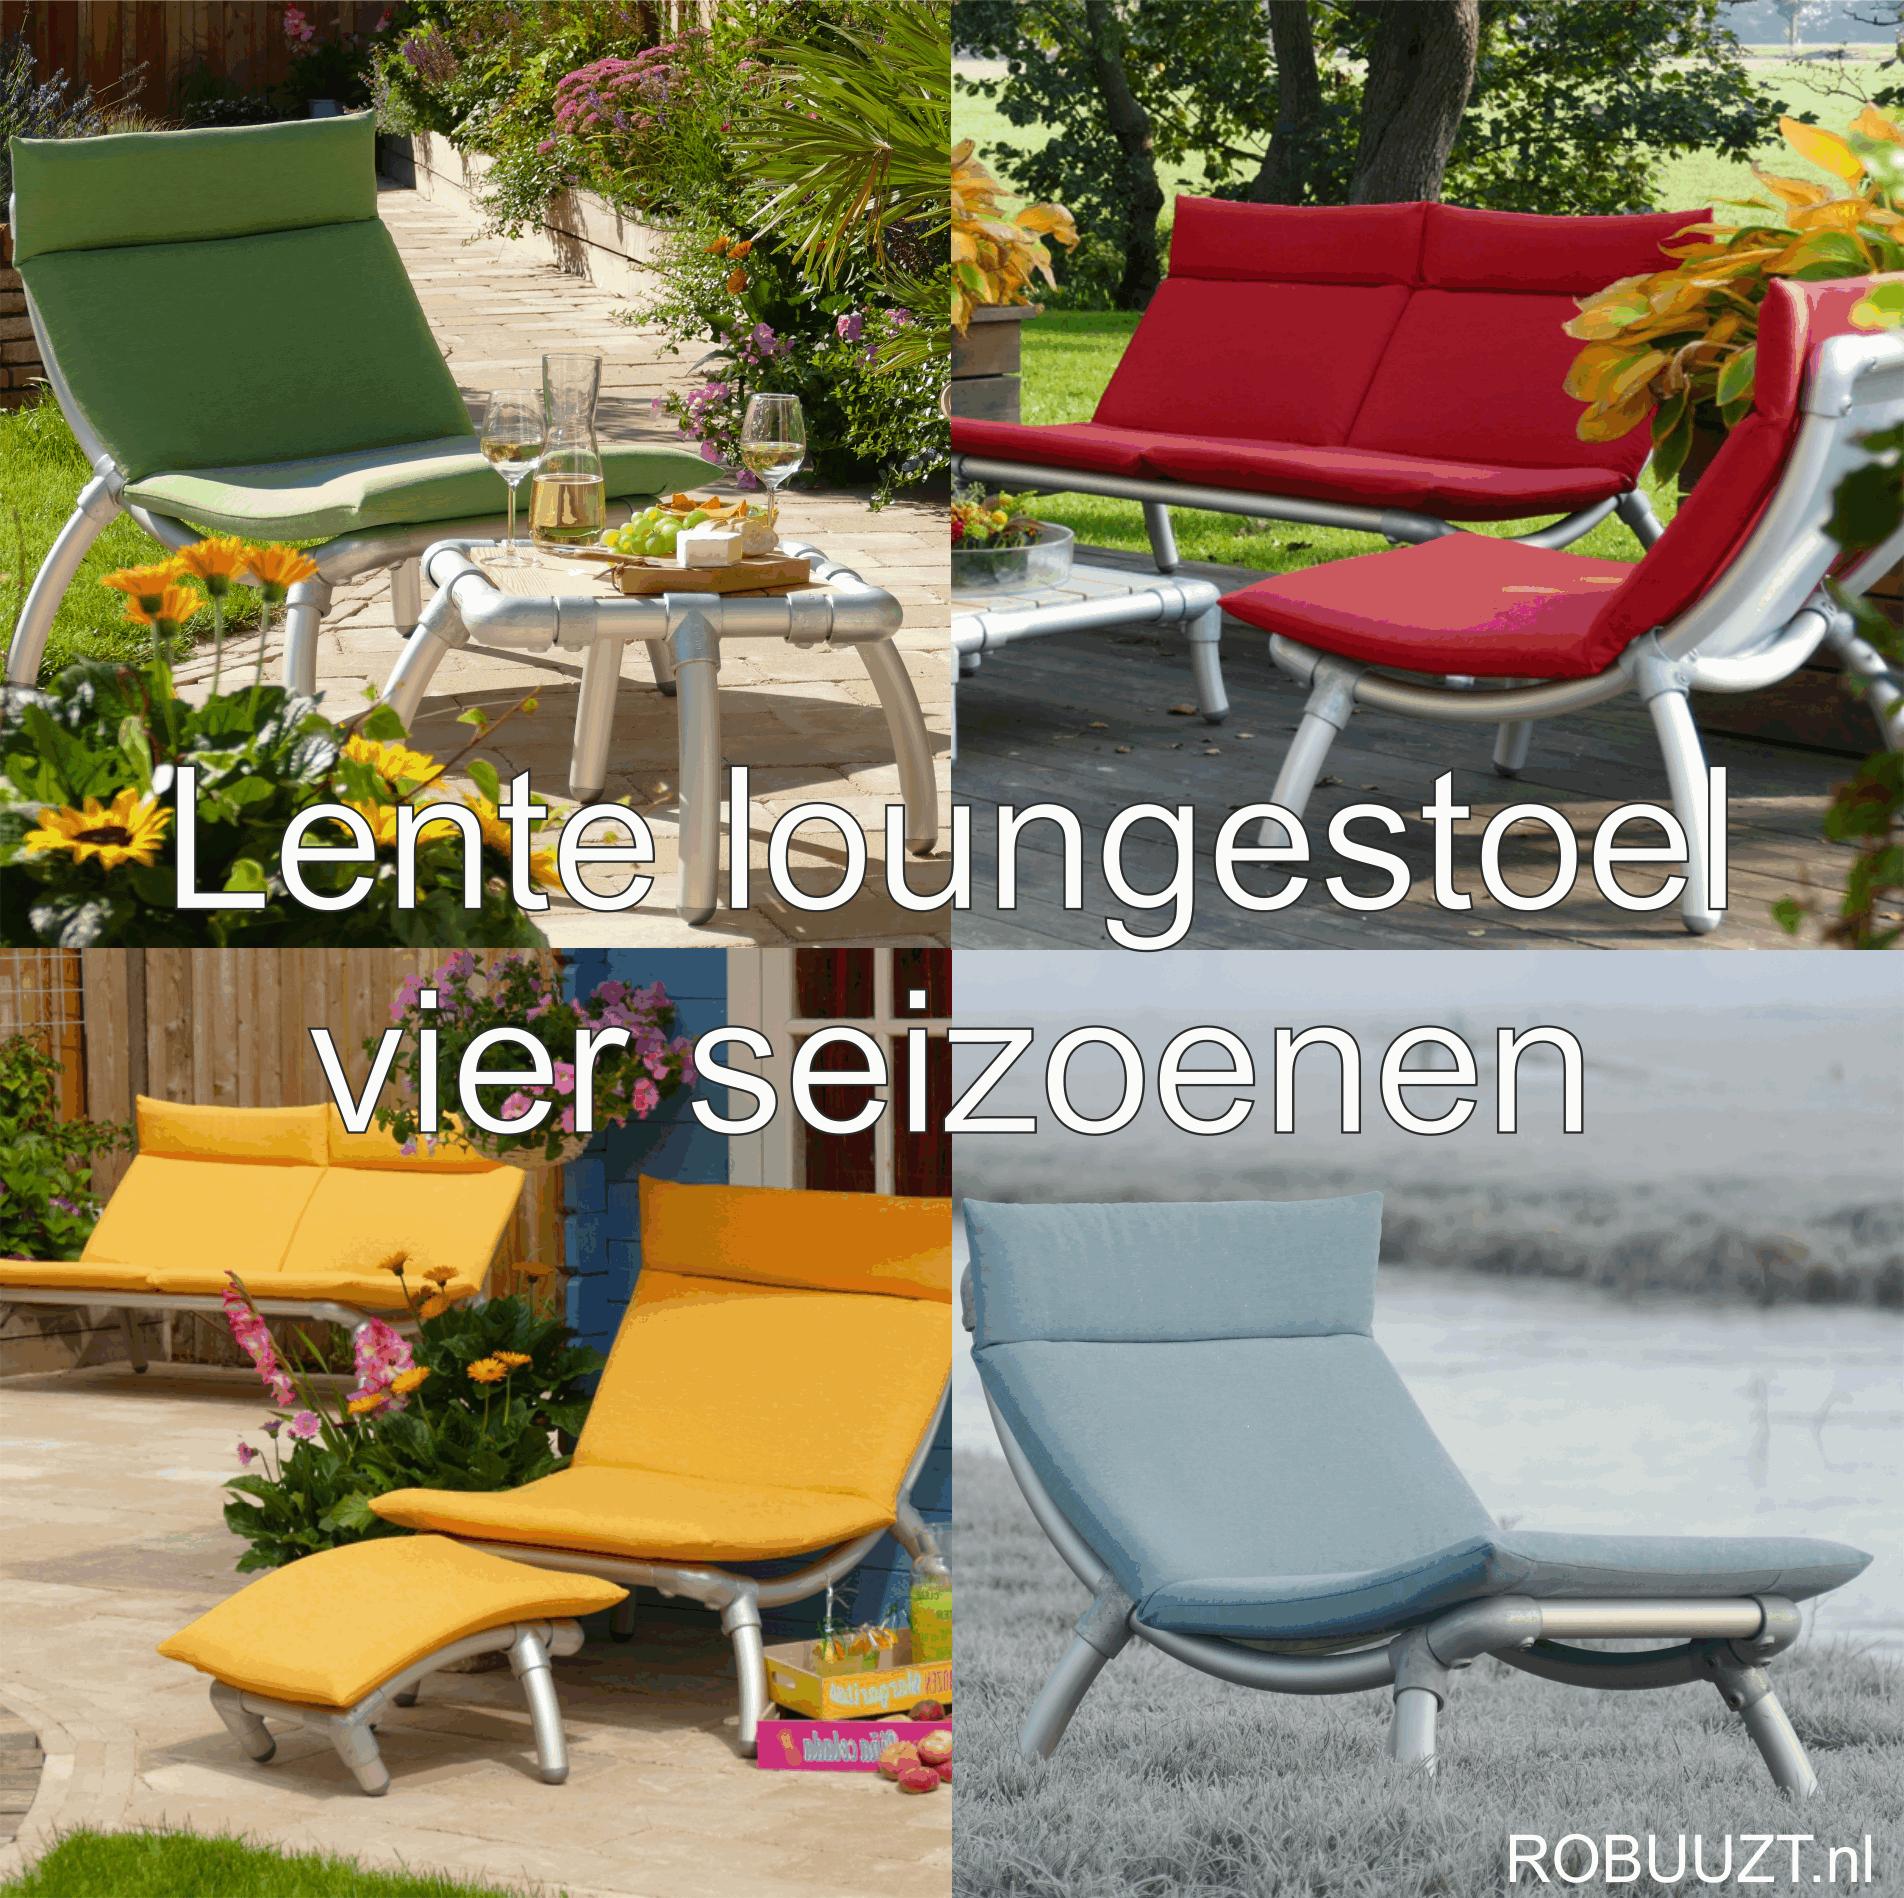 loungestoel buiten in vier seizoenen: winter, lente, zomer, herfst. Design tuinmeubel voor alle jaargetijden.